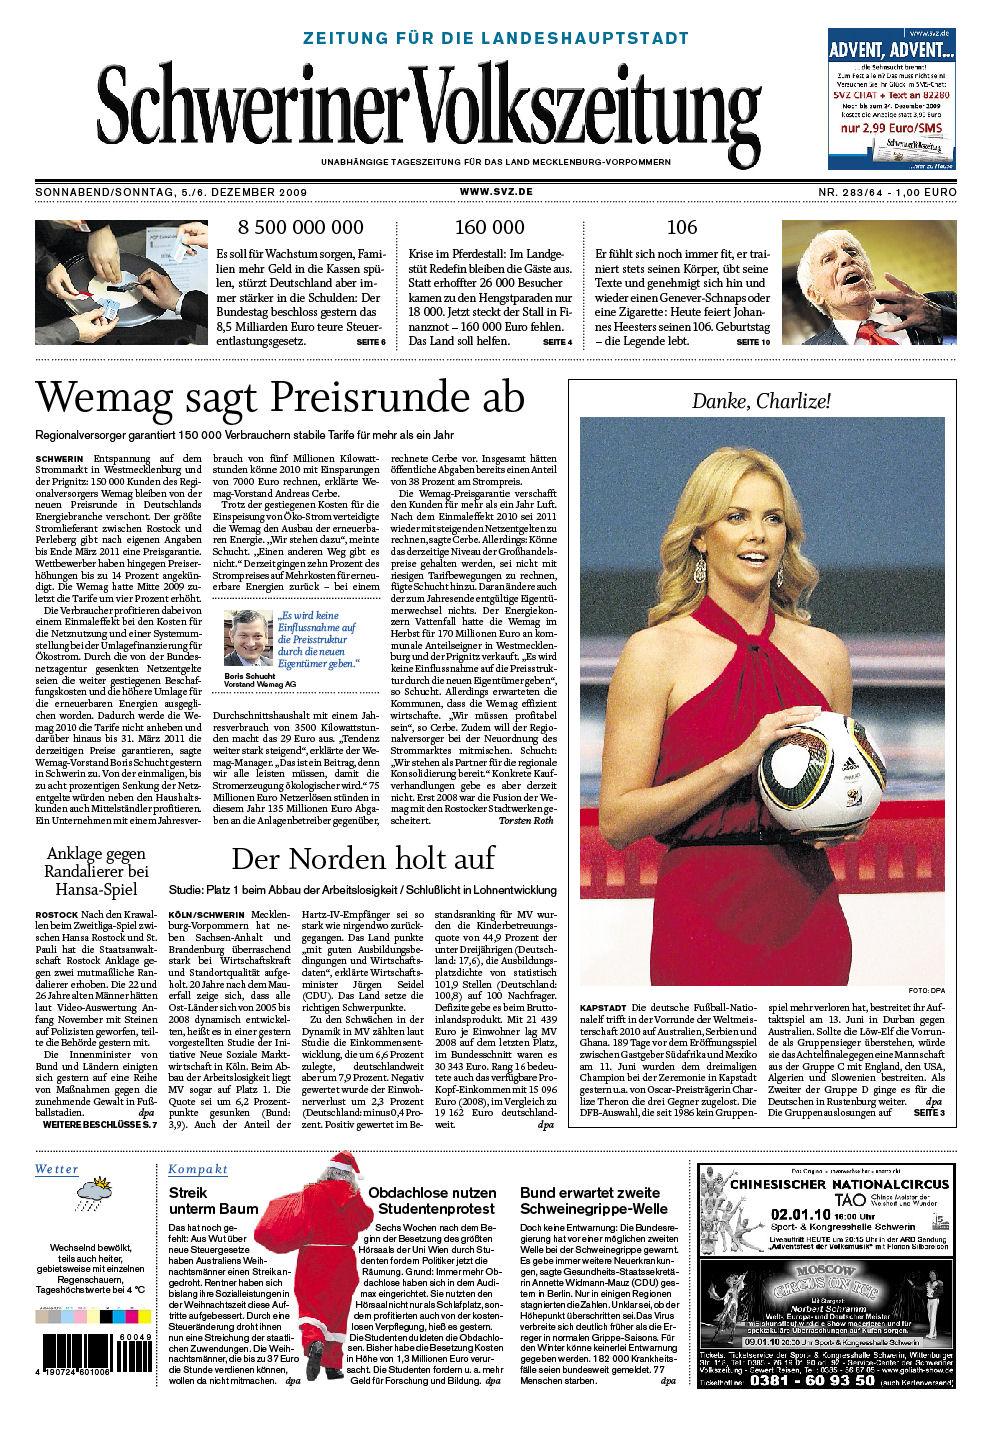 Schweriner Volkszeitung